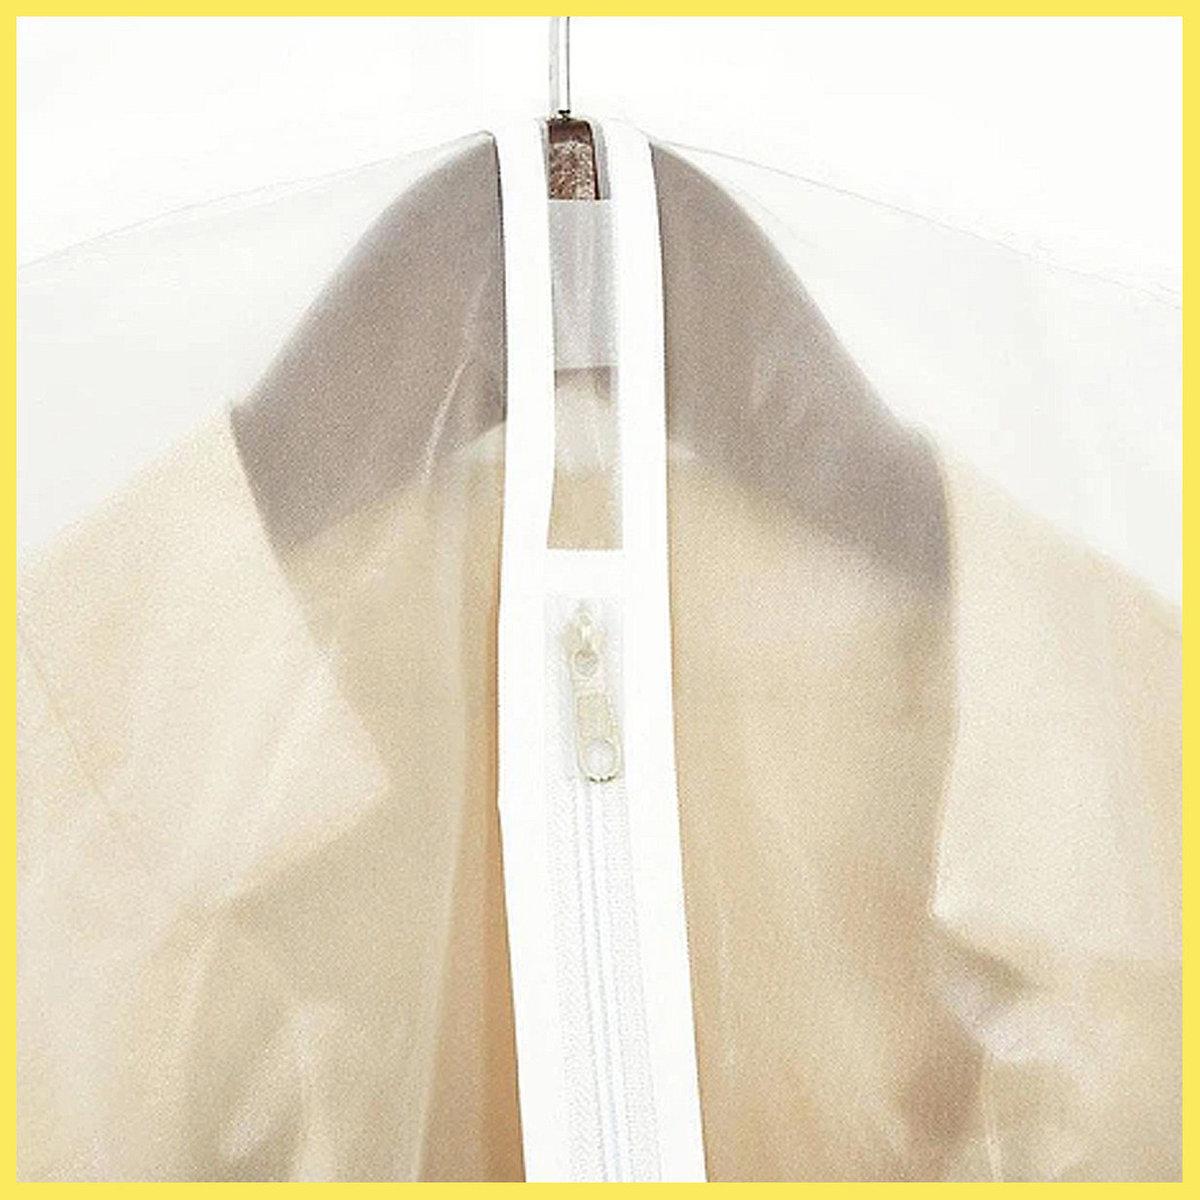 <5pcs>Zipped Suit Garment Covers 137cmx60cm